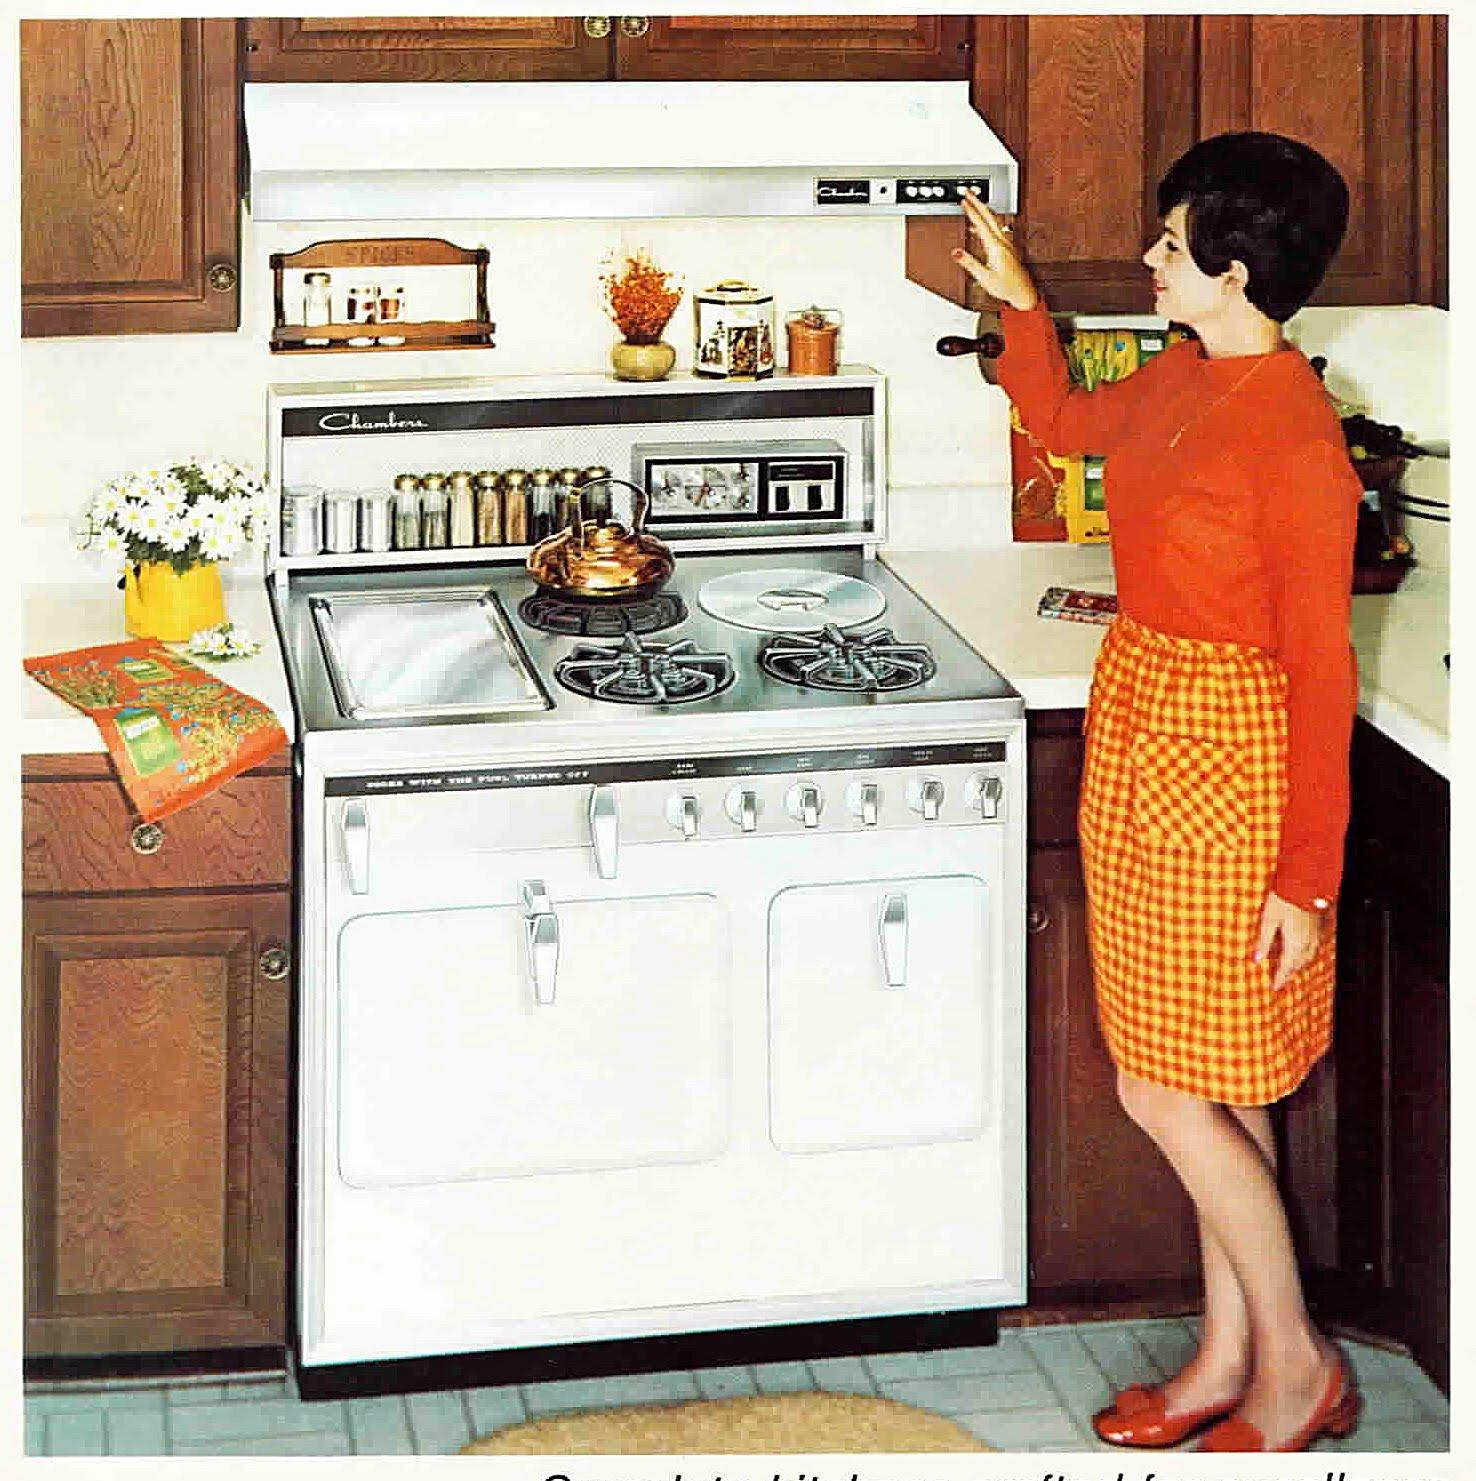 Steampunk Kitchen Appliances